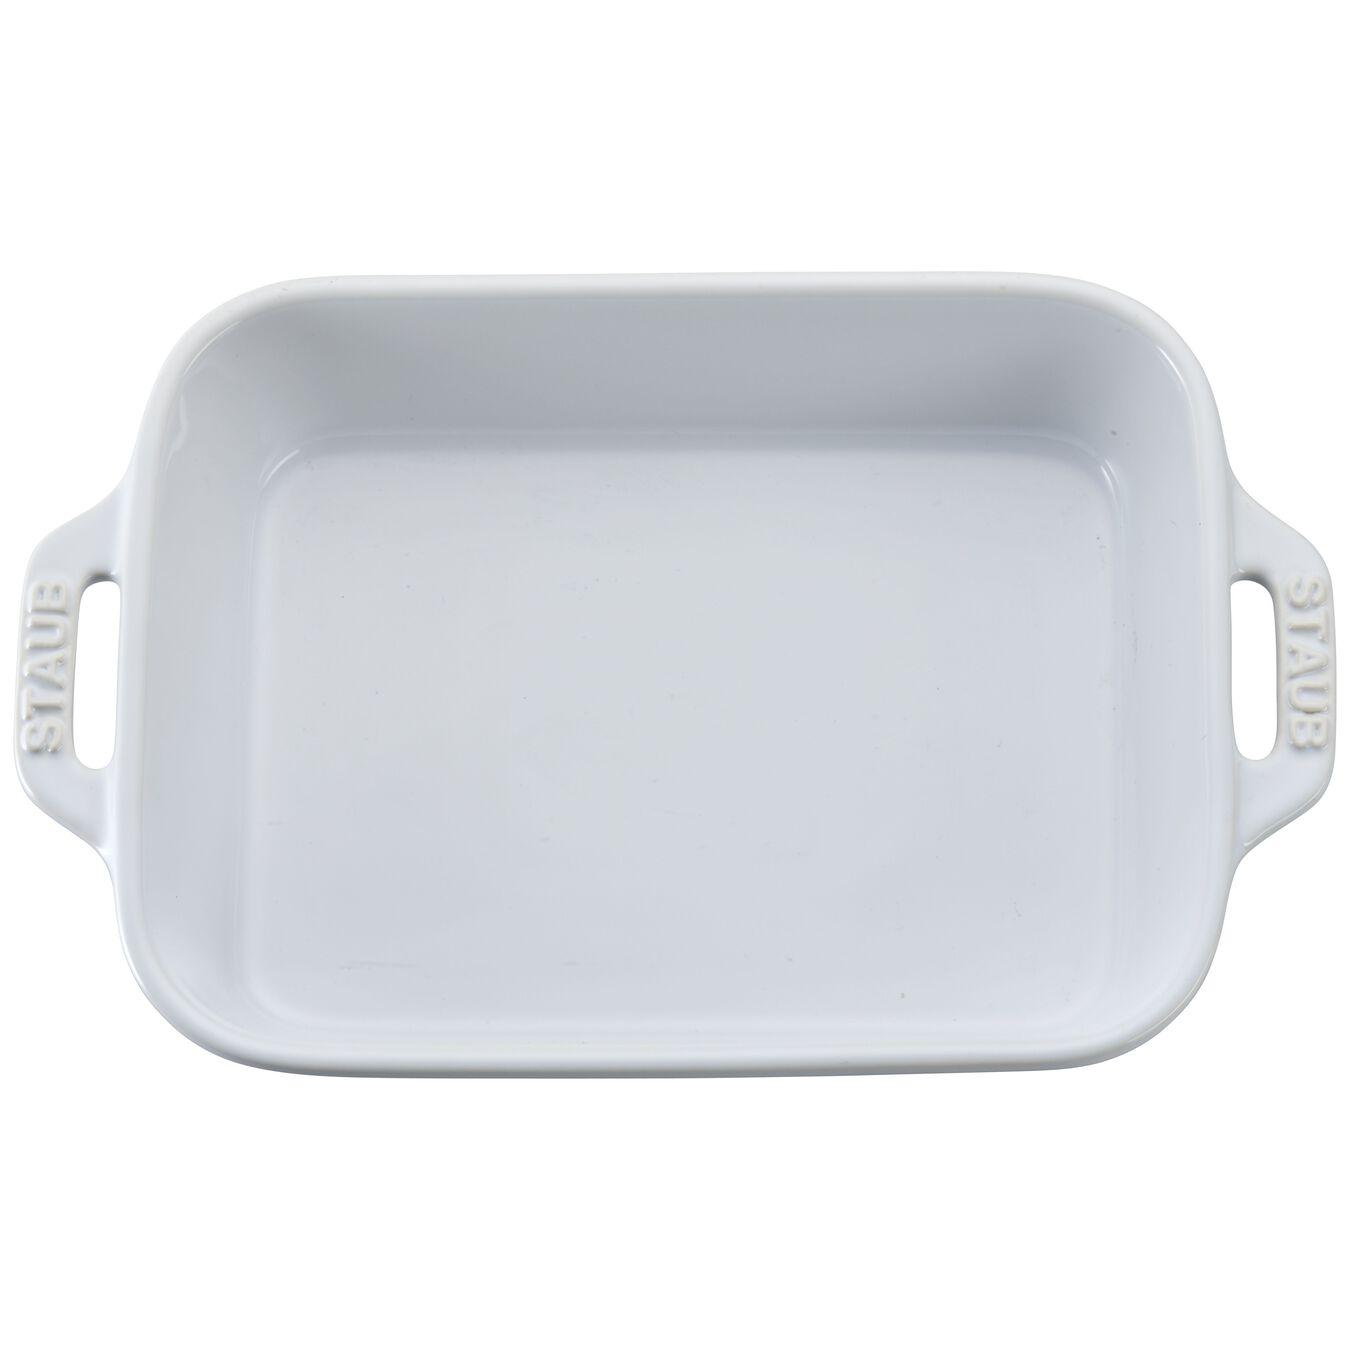 7.5-inch x 6-inch Rectangular Baking Dish - White,,large 2